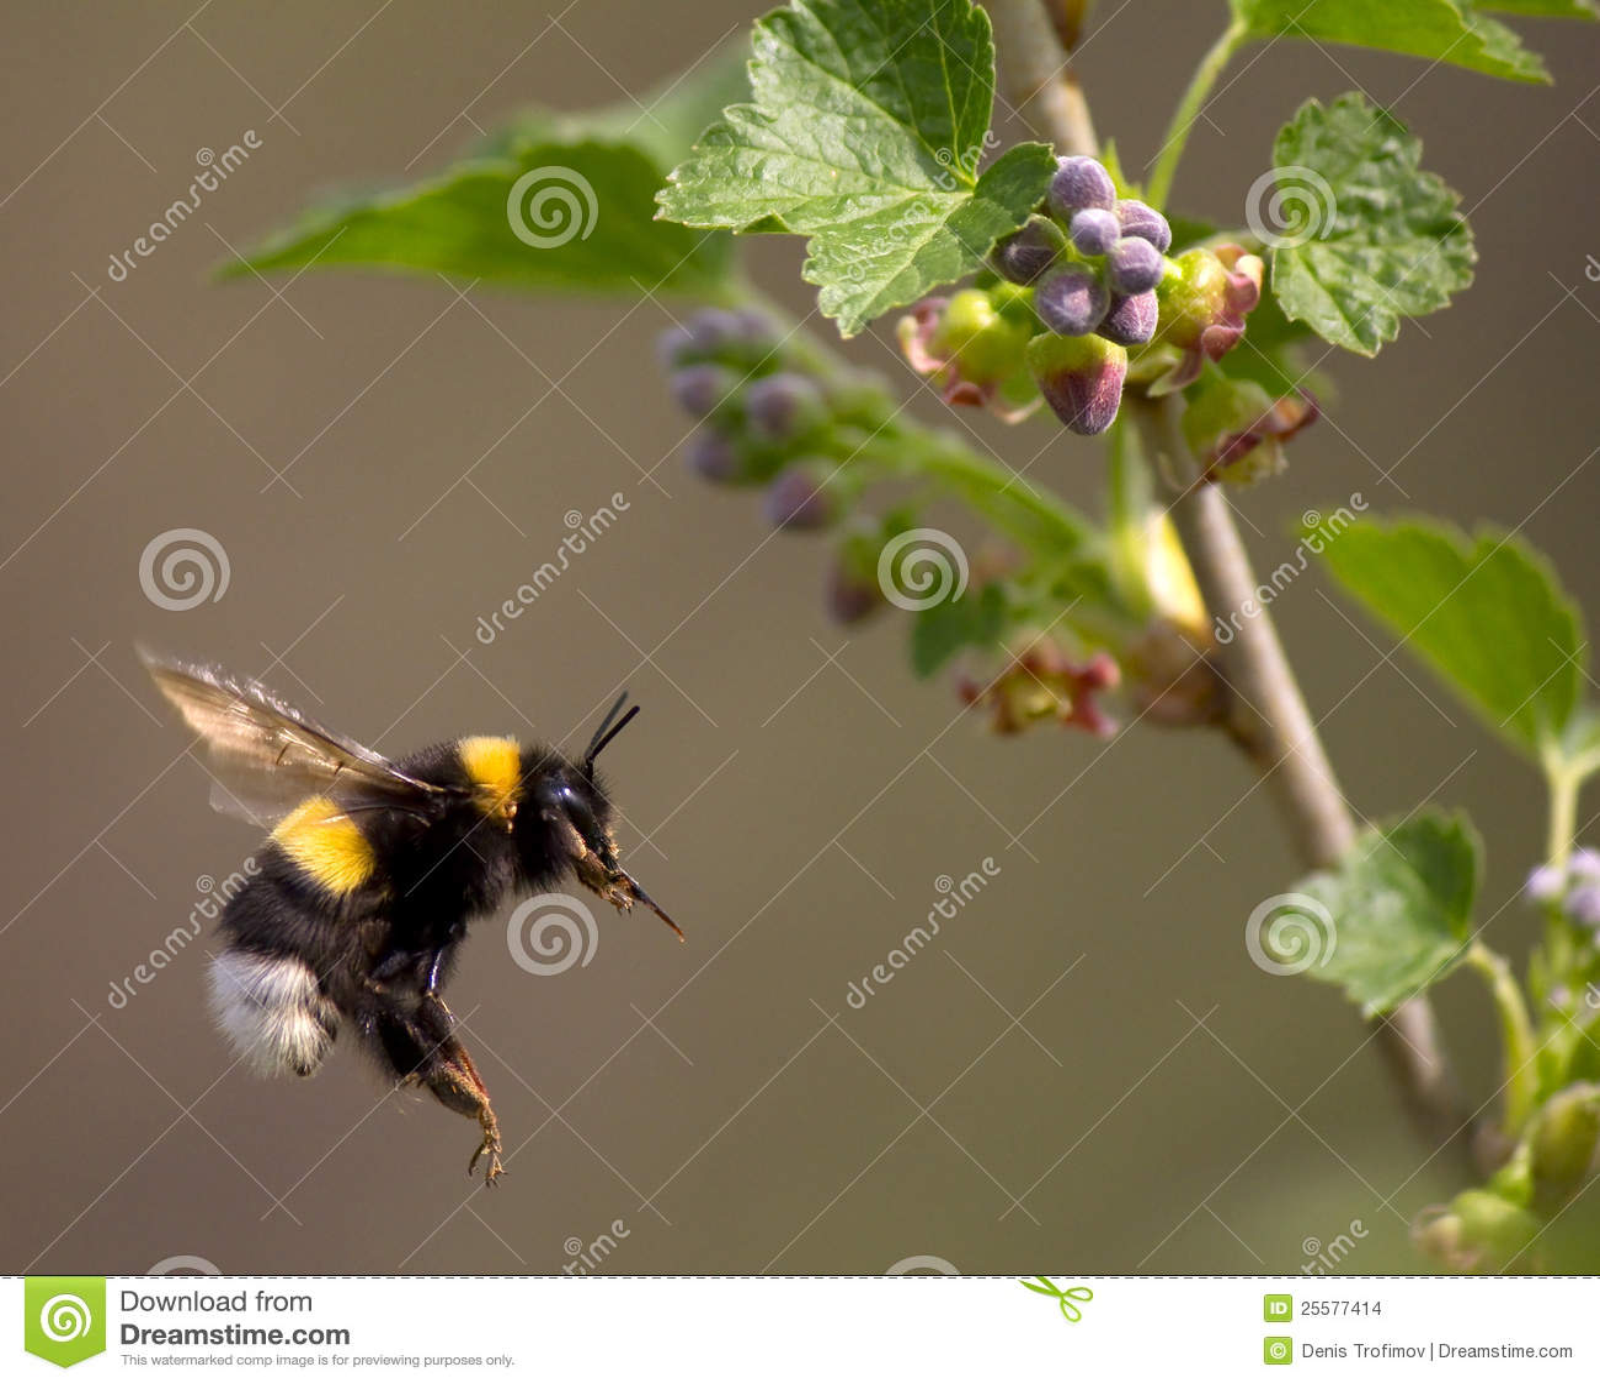 Mogeln Sie die Biene durch, die fliegt, um zu blühen